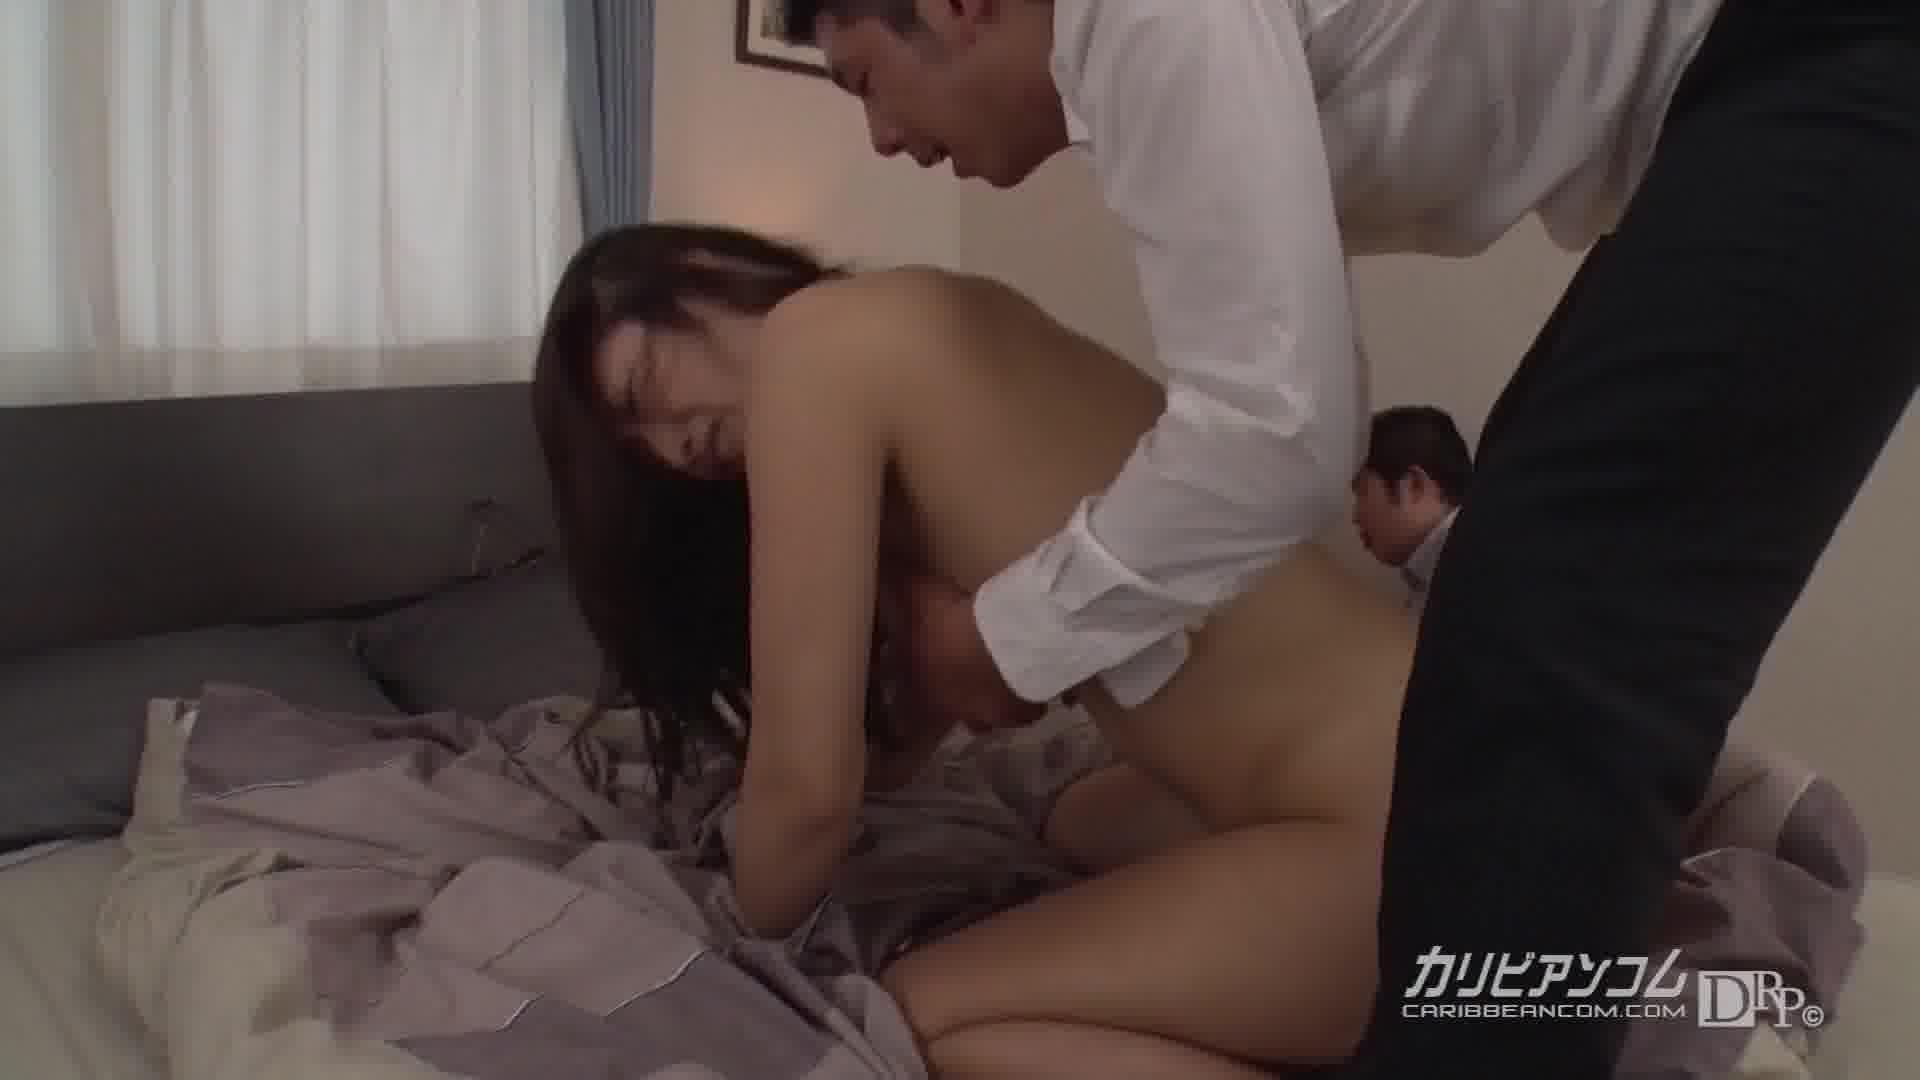 いいなり慰み妻 ~あなた、こっちを見ないで~ - 小早川怜子【巨乳・パイズリ・イラマチオ】